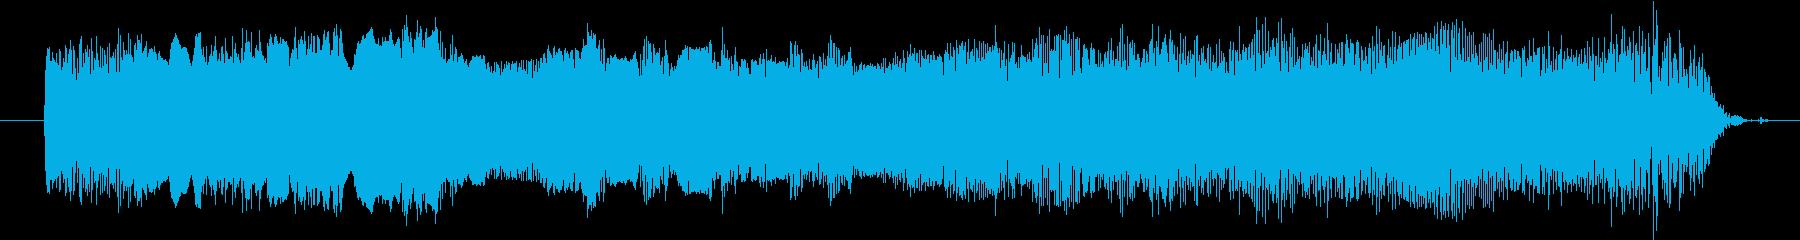 歪んだエレキギター 短いソロの再生済みの波形